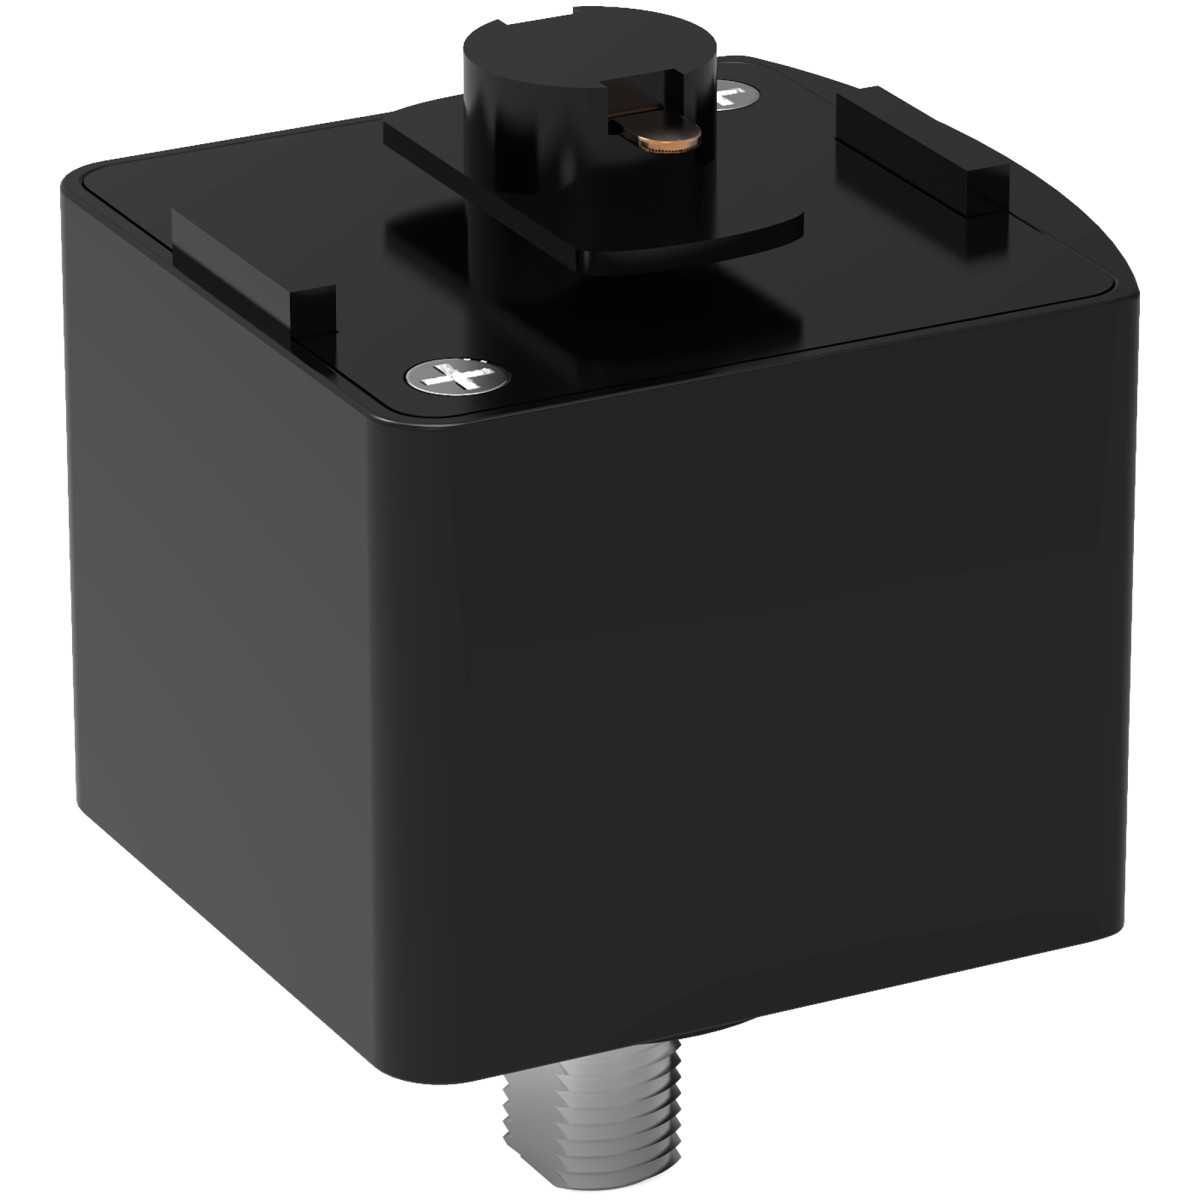 Адаптер для подключения к трековой системе цвет чёрный